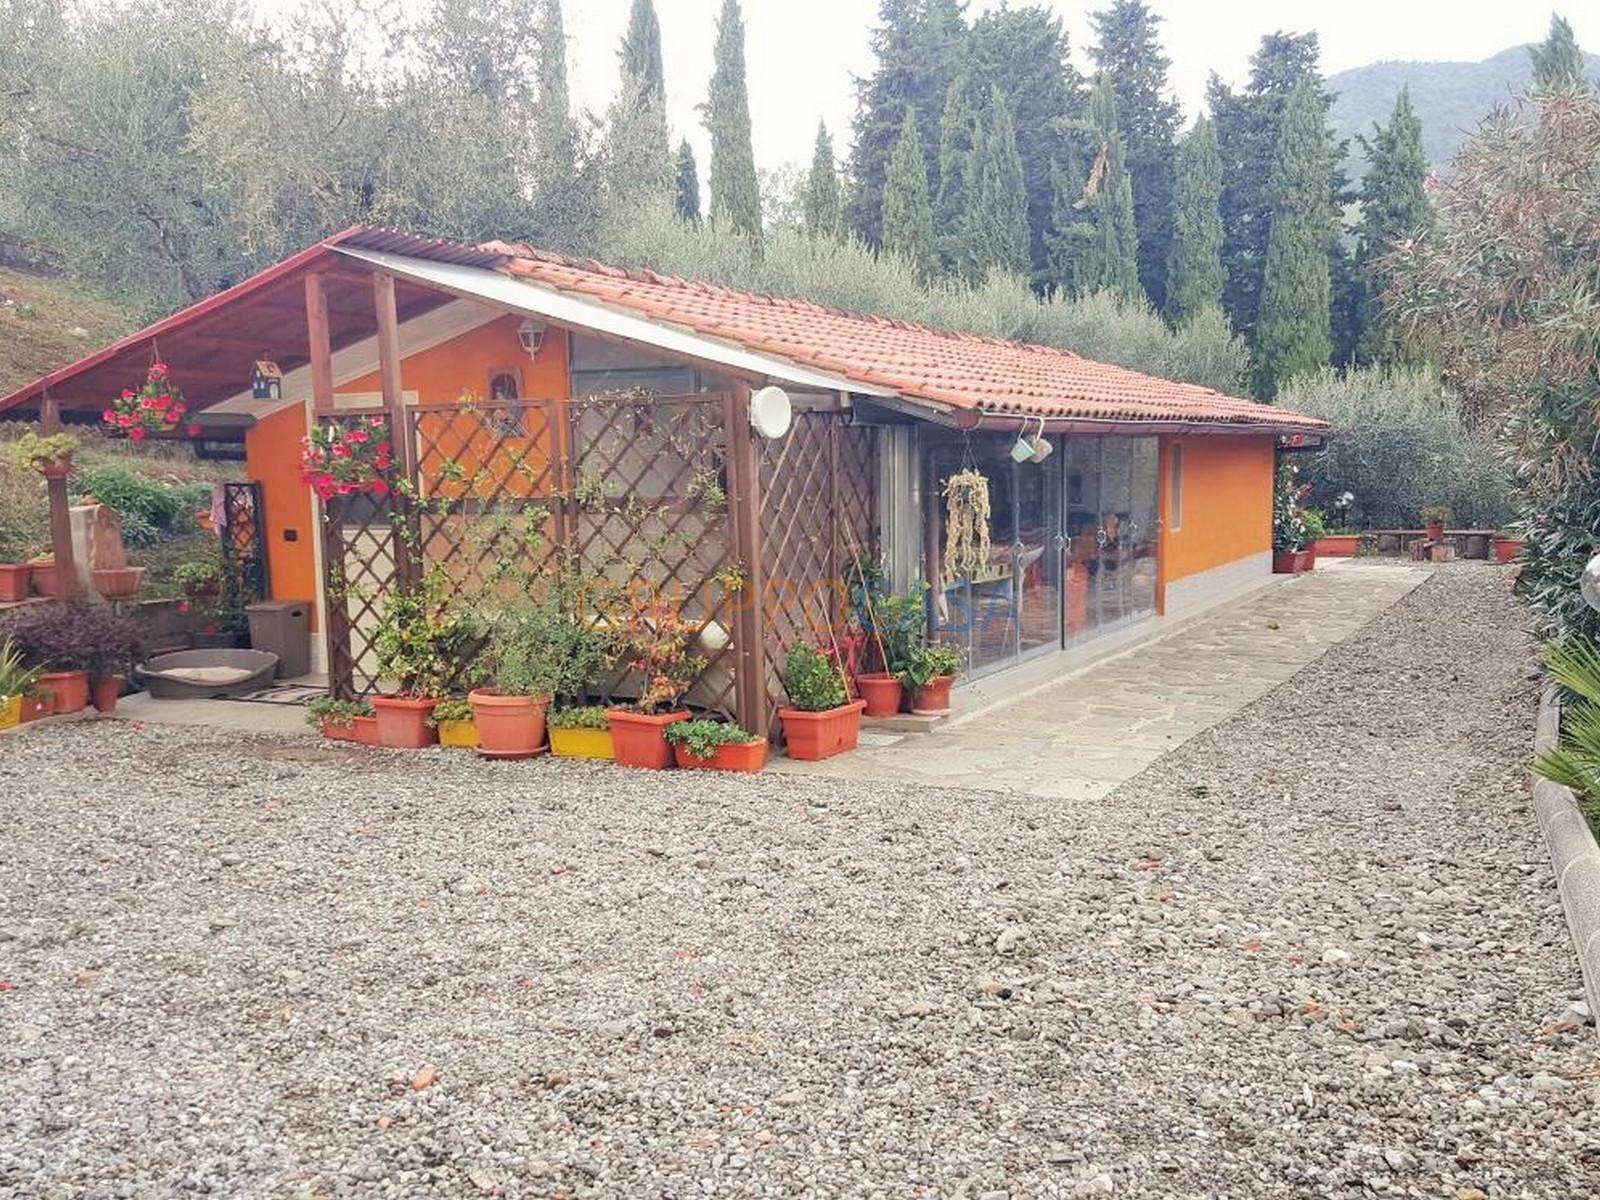 Soluzione Indipendente in vendita a Pescia, 2 locali, zona Località: Periferia, prezzo € 98.500 | Cambio Casa.it